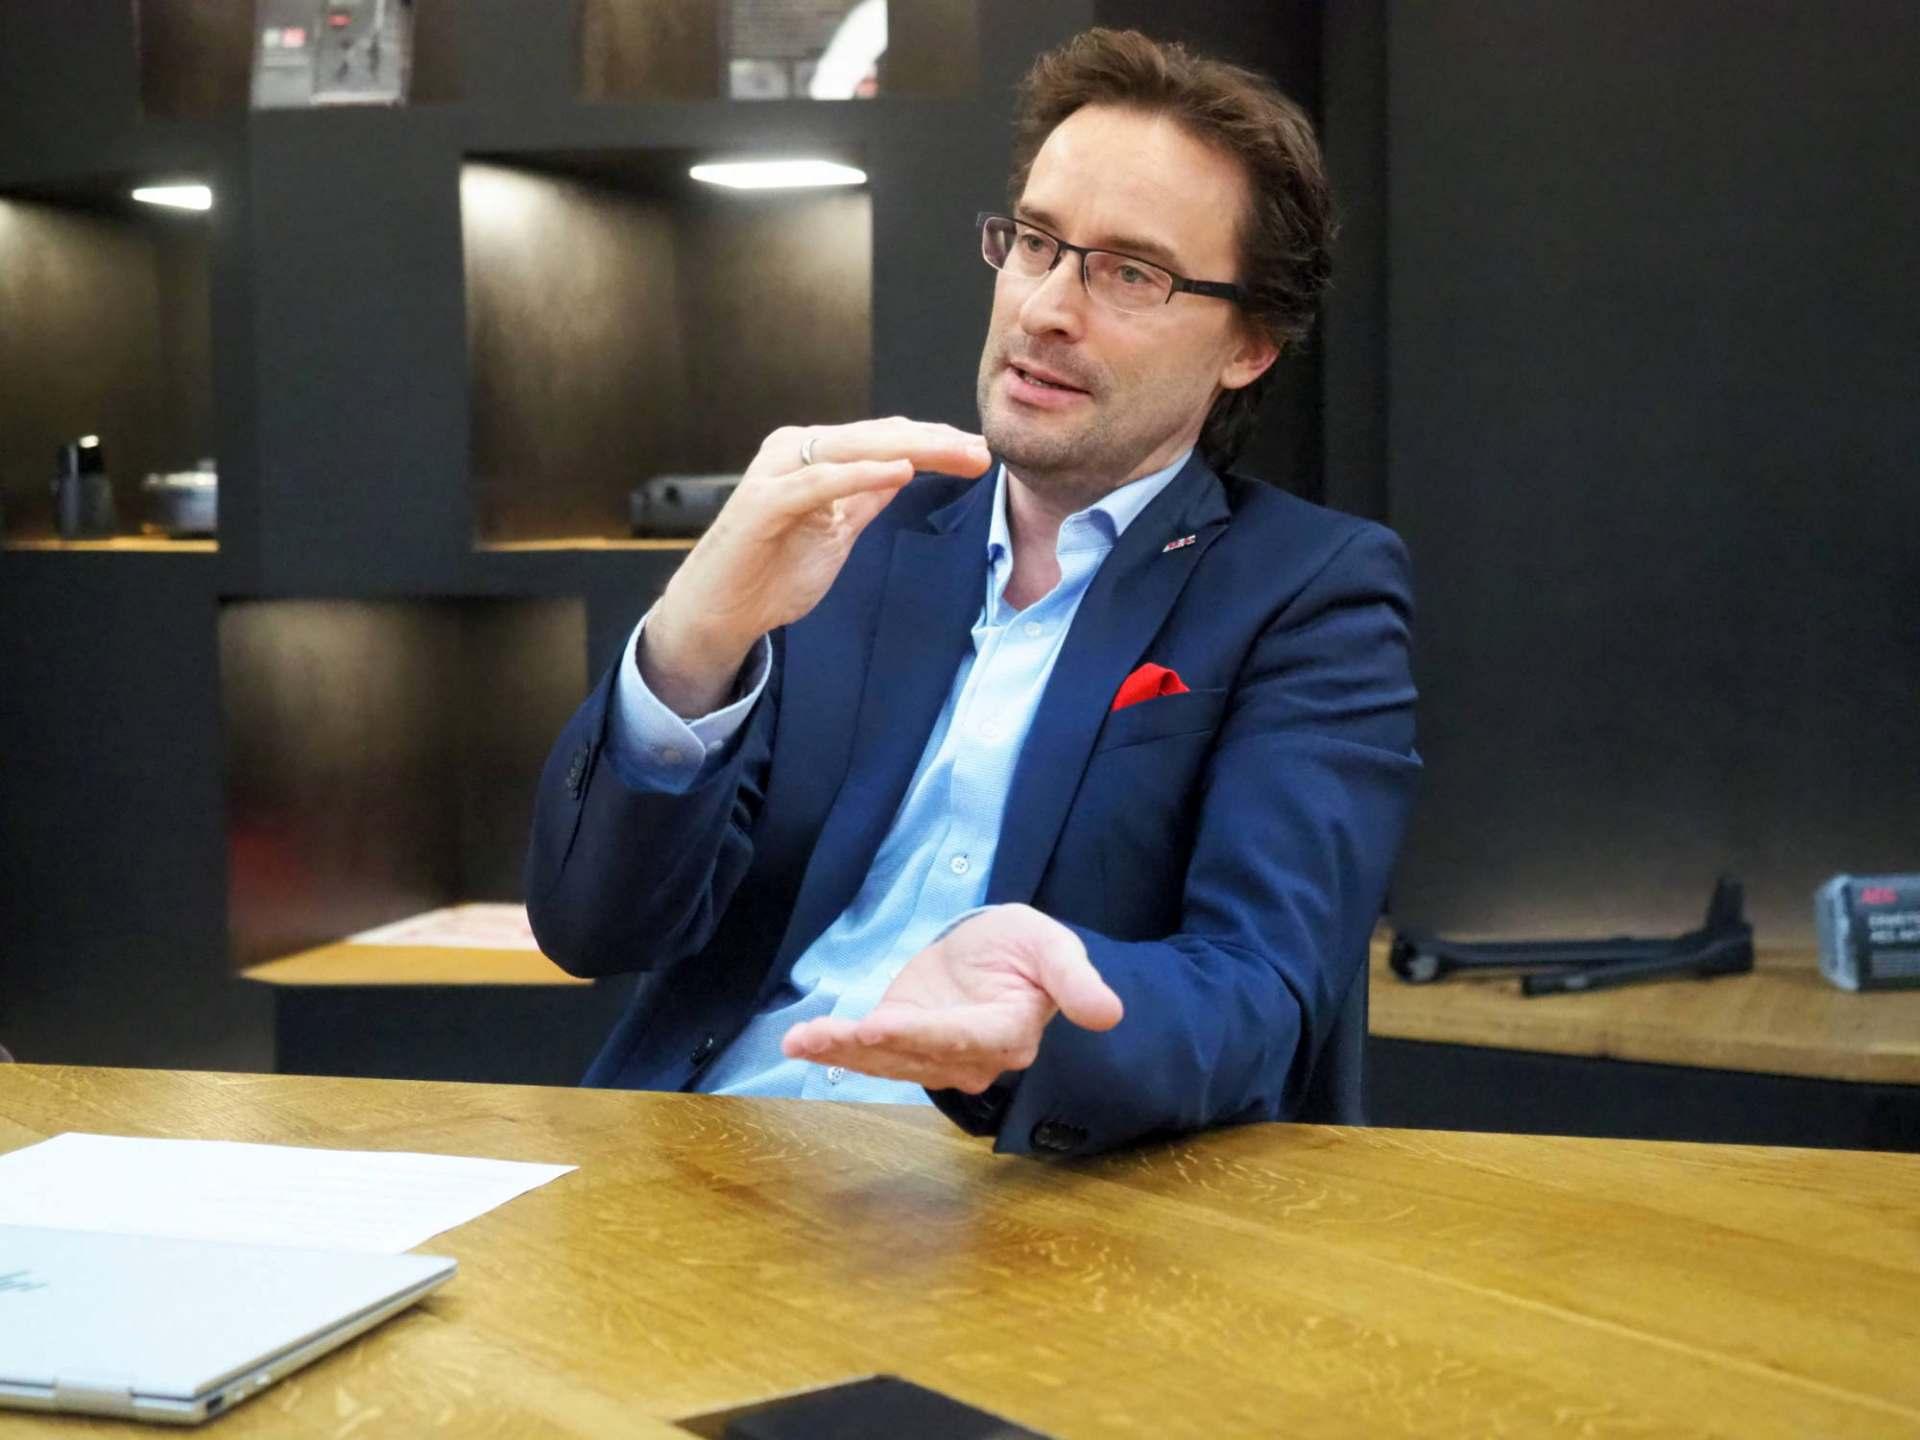 """""""Wir wollen einen Beitrag leisten, um das große Leid der Menschen so gut es geht zu lindern"""", Michael Geisler, Geschäftsführer Electrolux Hausgeräte."""